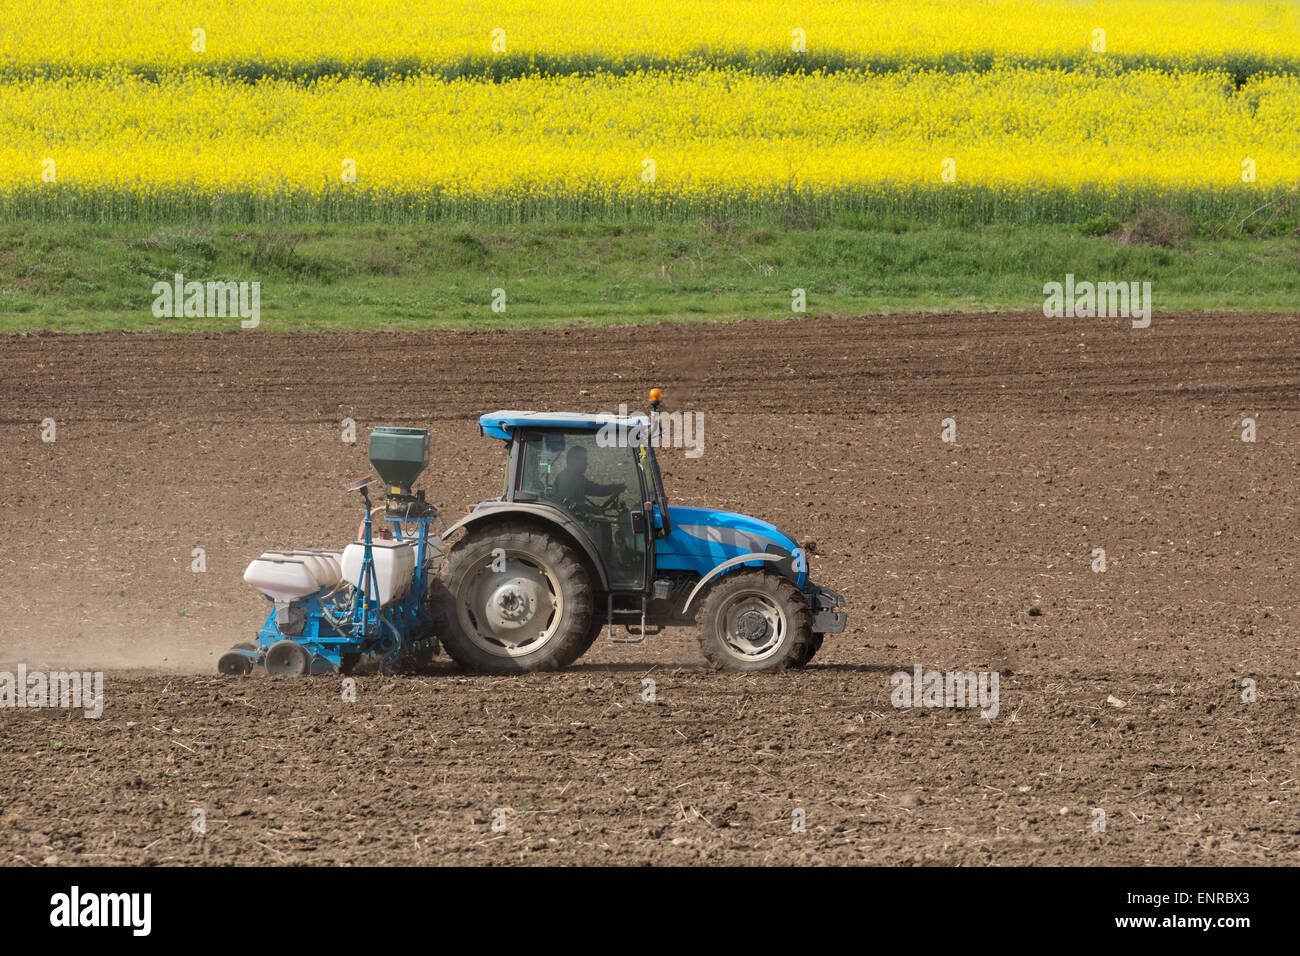 L'agriculture un champ avec un tracteur Photo Stock